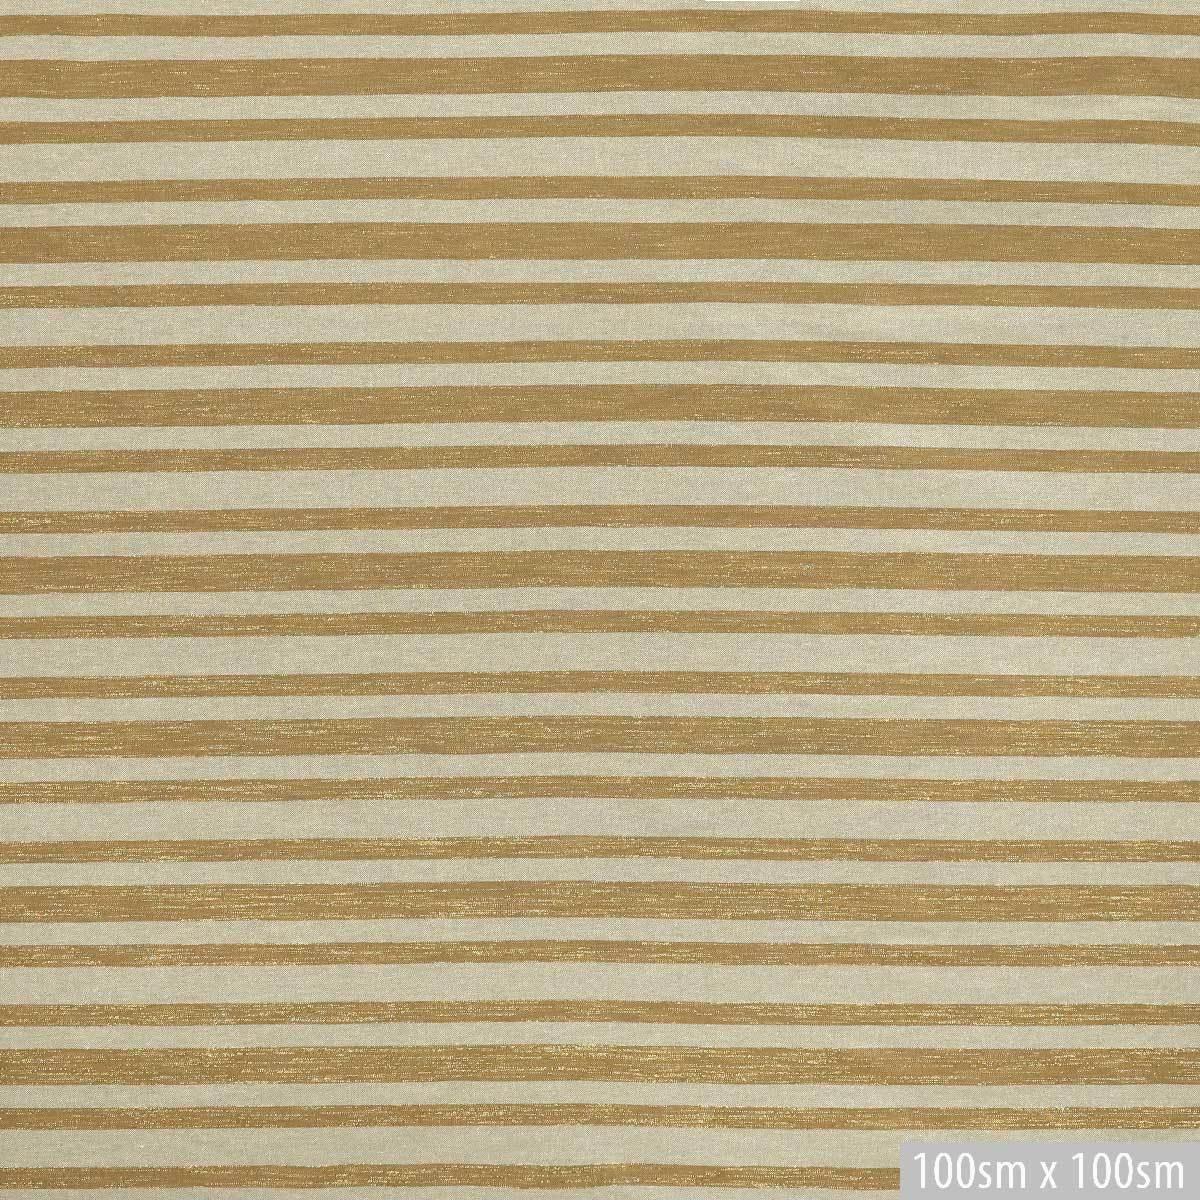 Золотистая бежево-песочная жаккардовая полоска